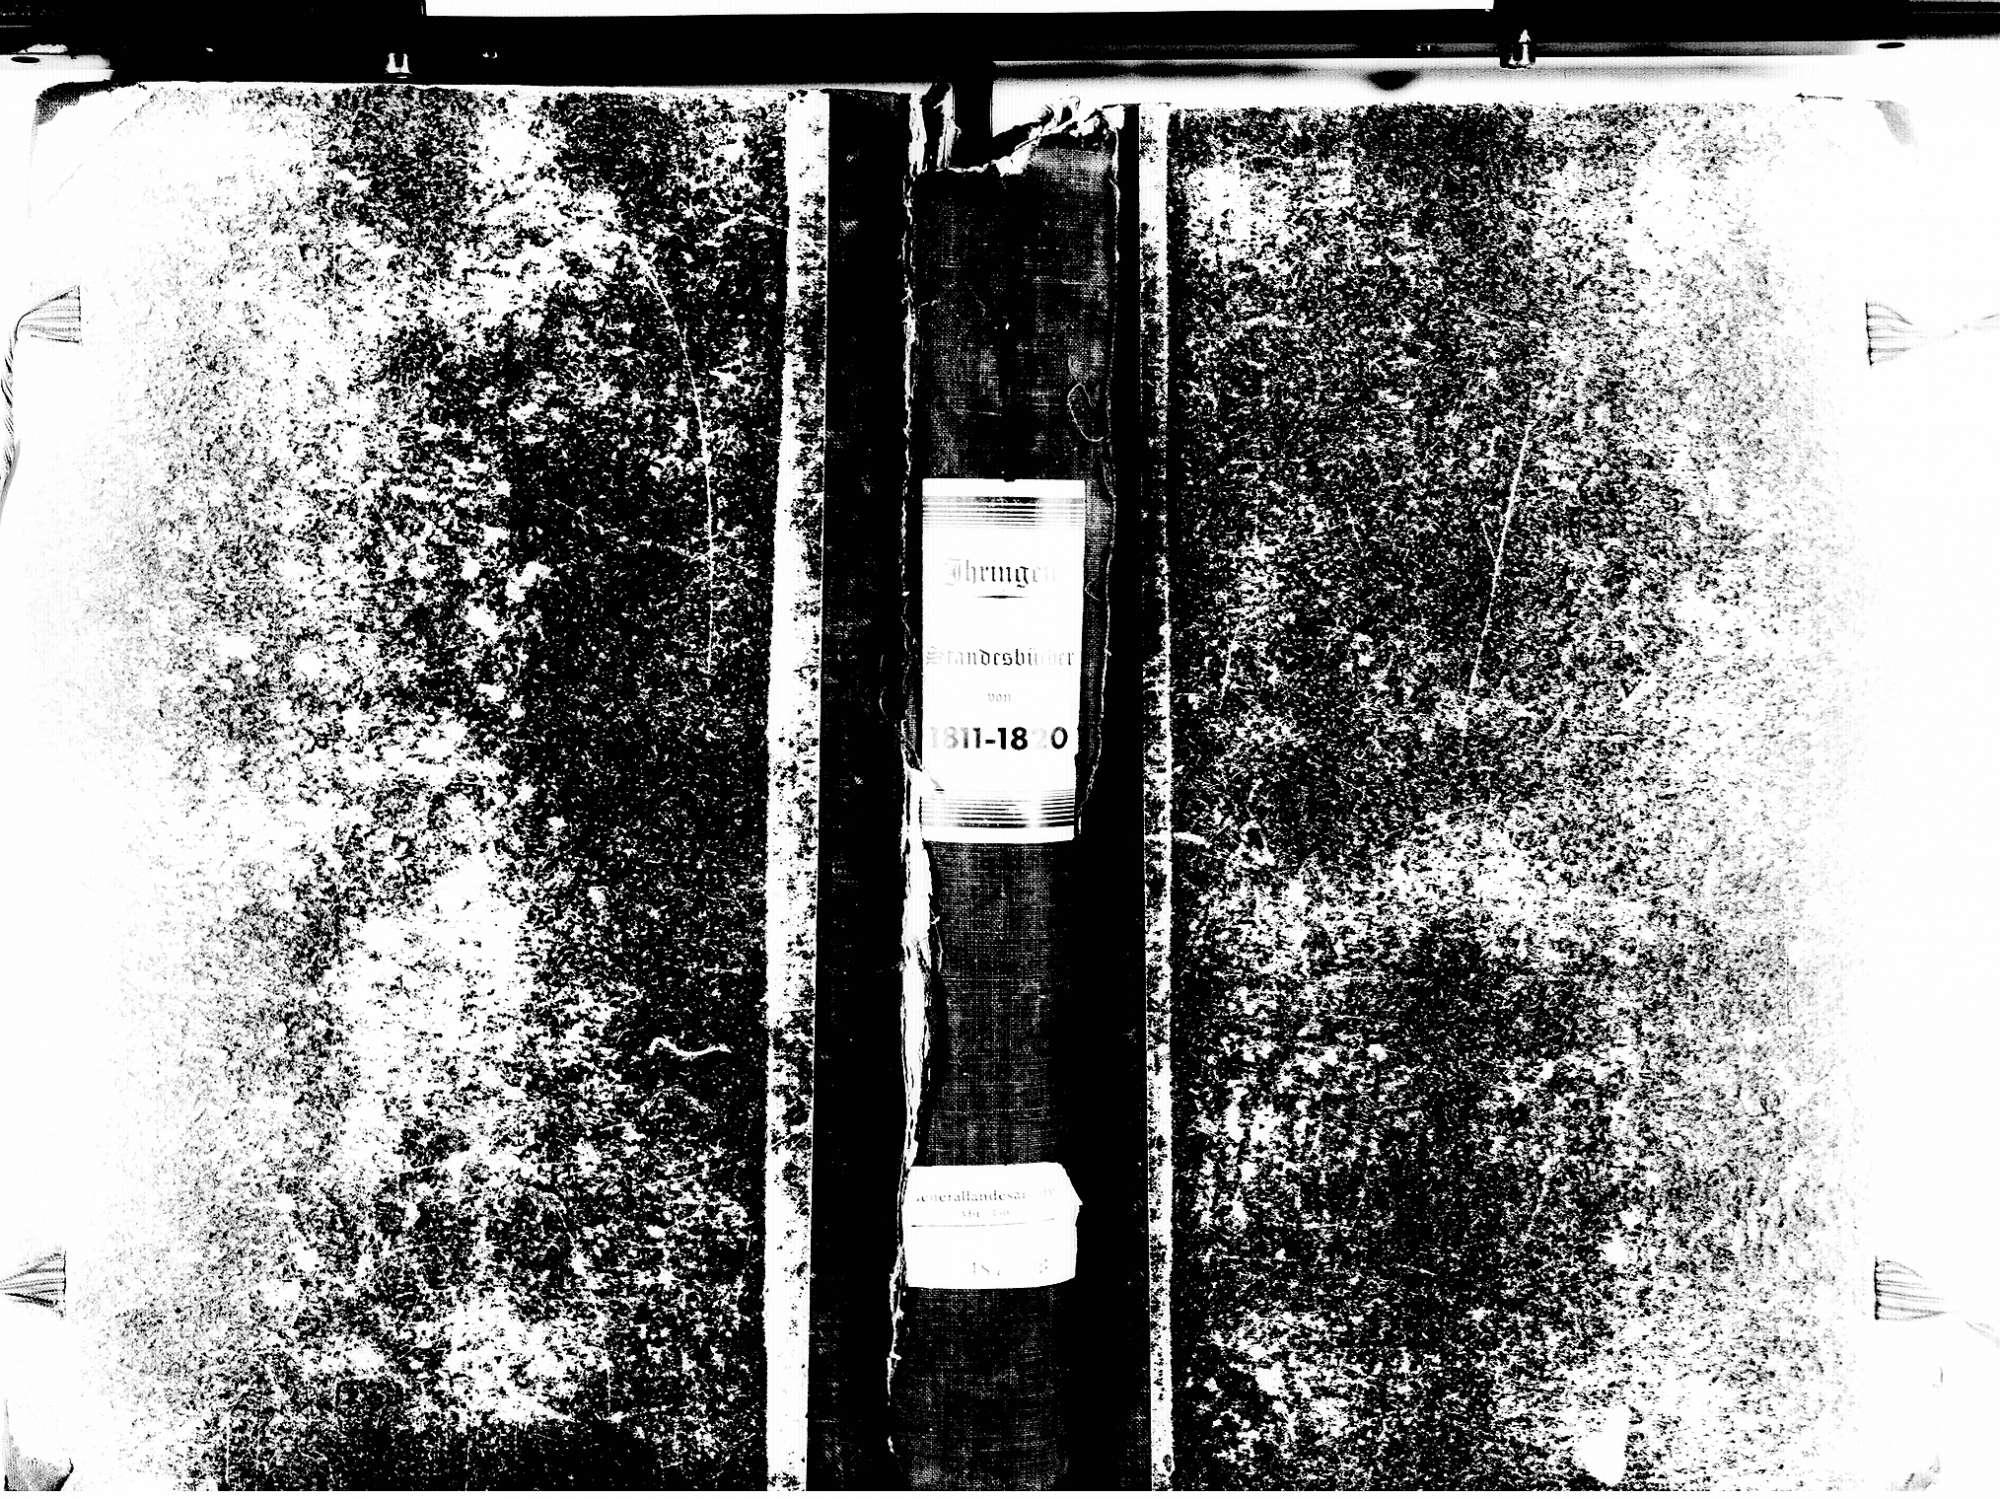 Ihringen FR; Evangelische Gemeinde: Standesbuch 1811-1820 Ihringen FR; Israelitische Gemeinde: Standesbuch 1811-1820, Bild 1